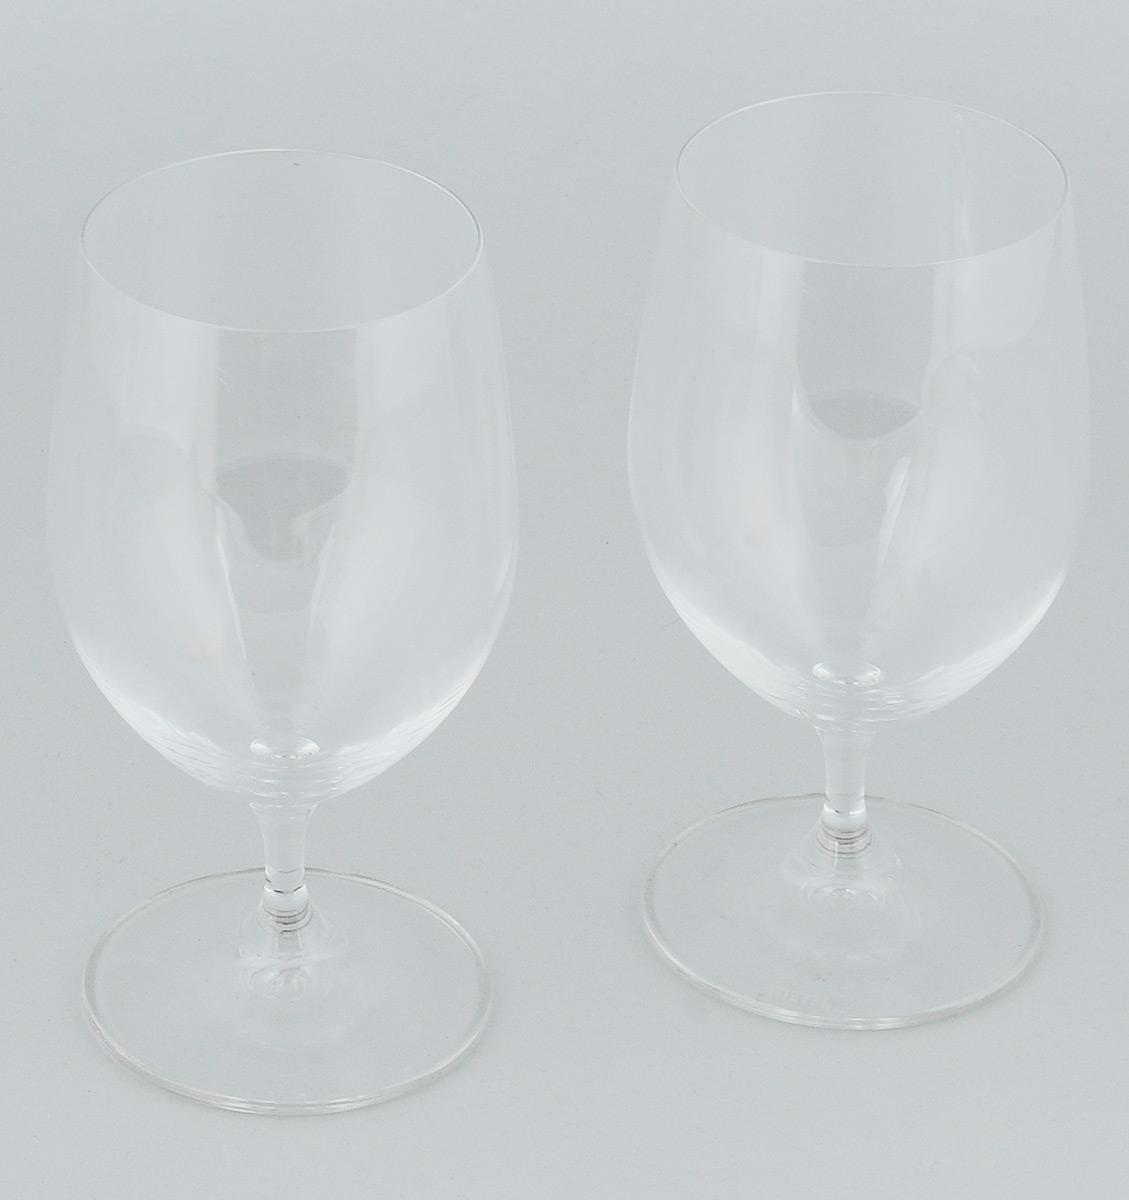 Набор бокалов Riedel Water, 350 мл, 2 шт6416/02Набор Riedel Water состоит из двух бокалов, выполненных из прочного стекла. Бокалы предназначены для подачи воды. Они сочетают в себе элегантный дизайн и функциональность. Благодаря такому набору пить напитки будет еще вкуснее. Набор бокалов Riedel Water прекрасно оформит праздничный стол и создаст приятную атмосферу за романтическим ужином. Такой набор также станет хорошим подарком к любому случаю. Можно мыть в посудомоечной машине. Диаметр бокала (по верхнему краю): 6,5 см. Высота бокала: 14,5 см.